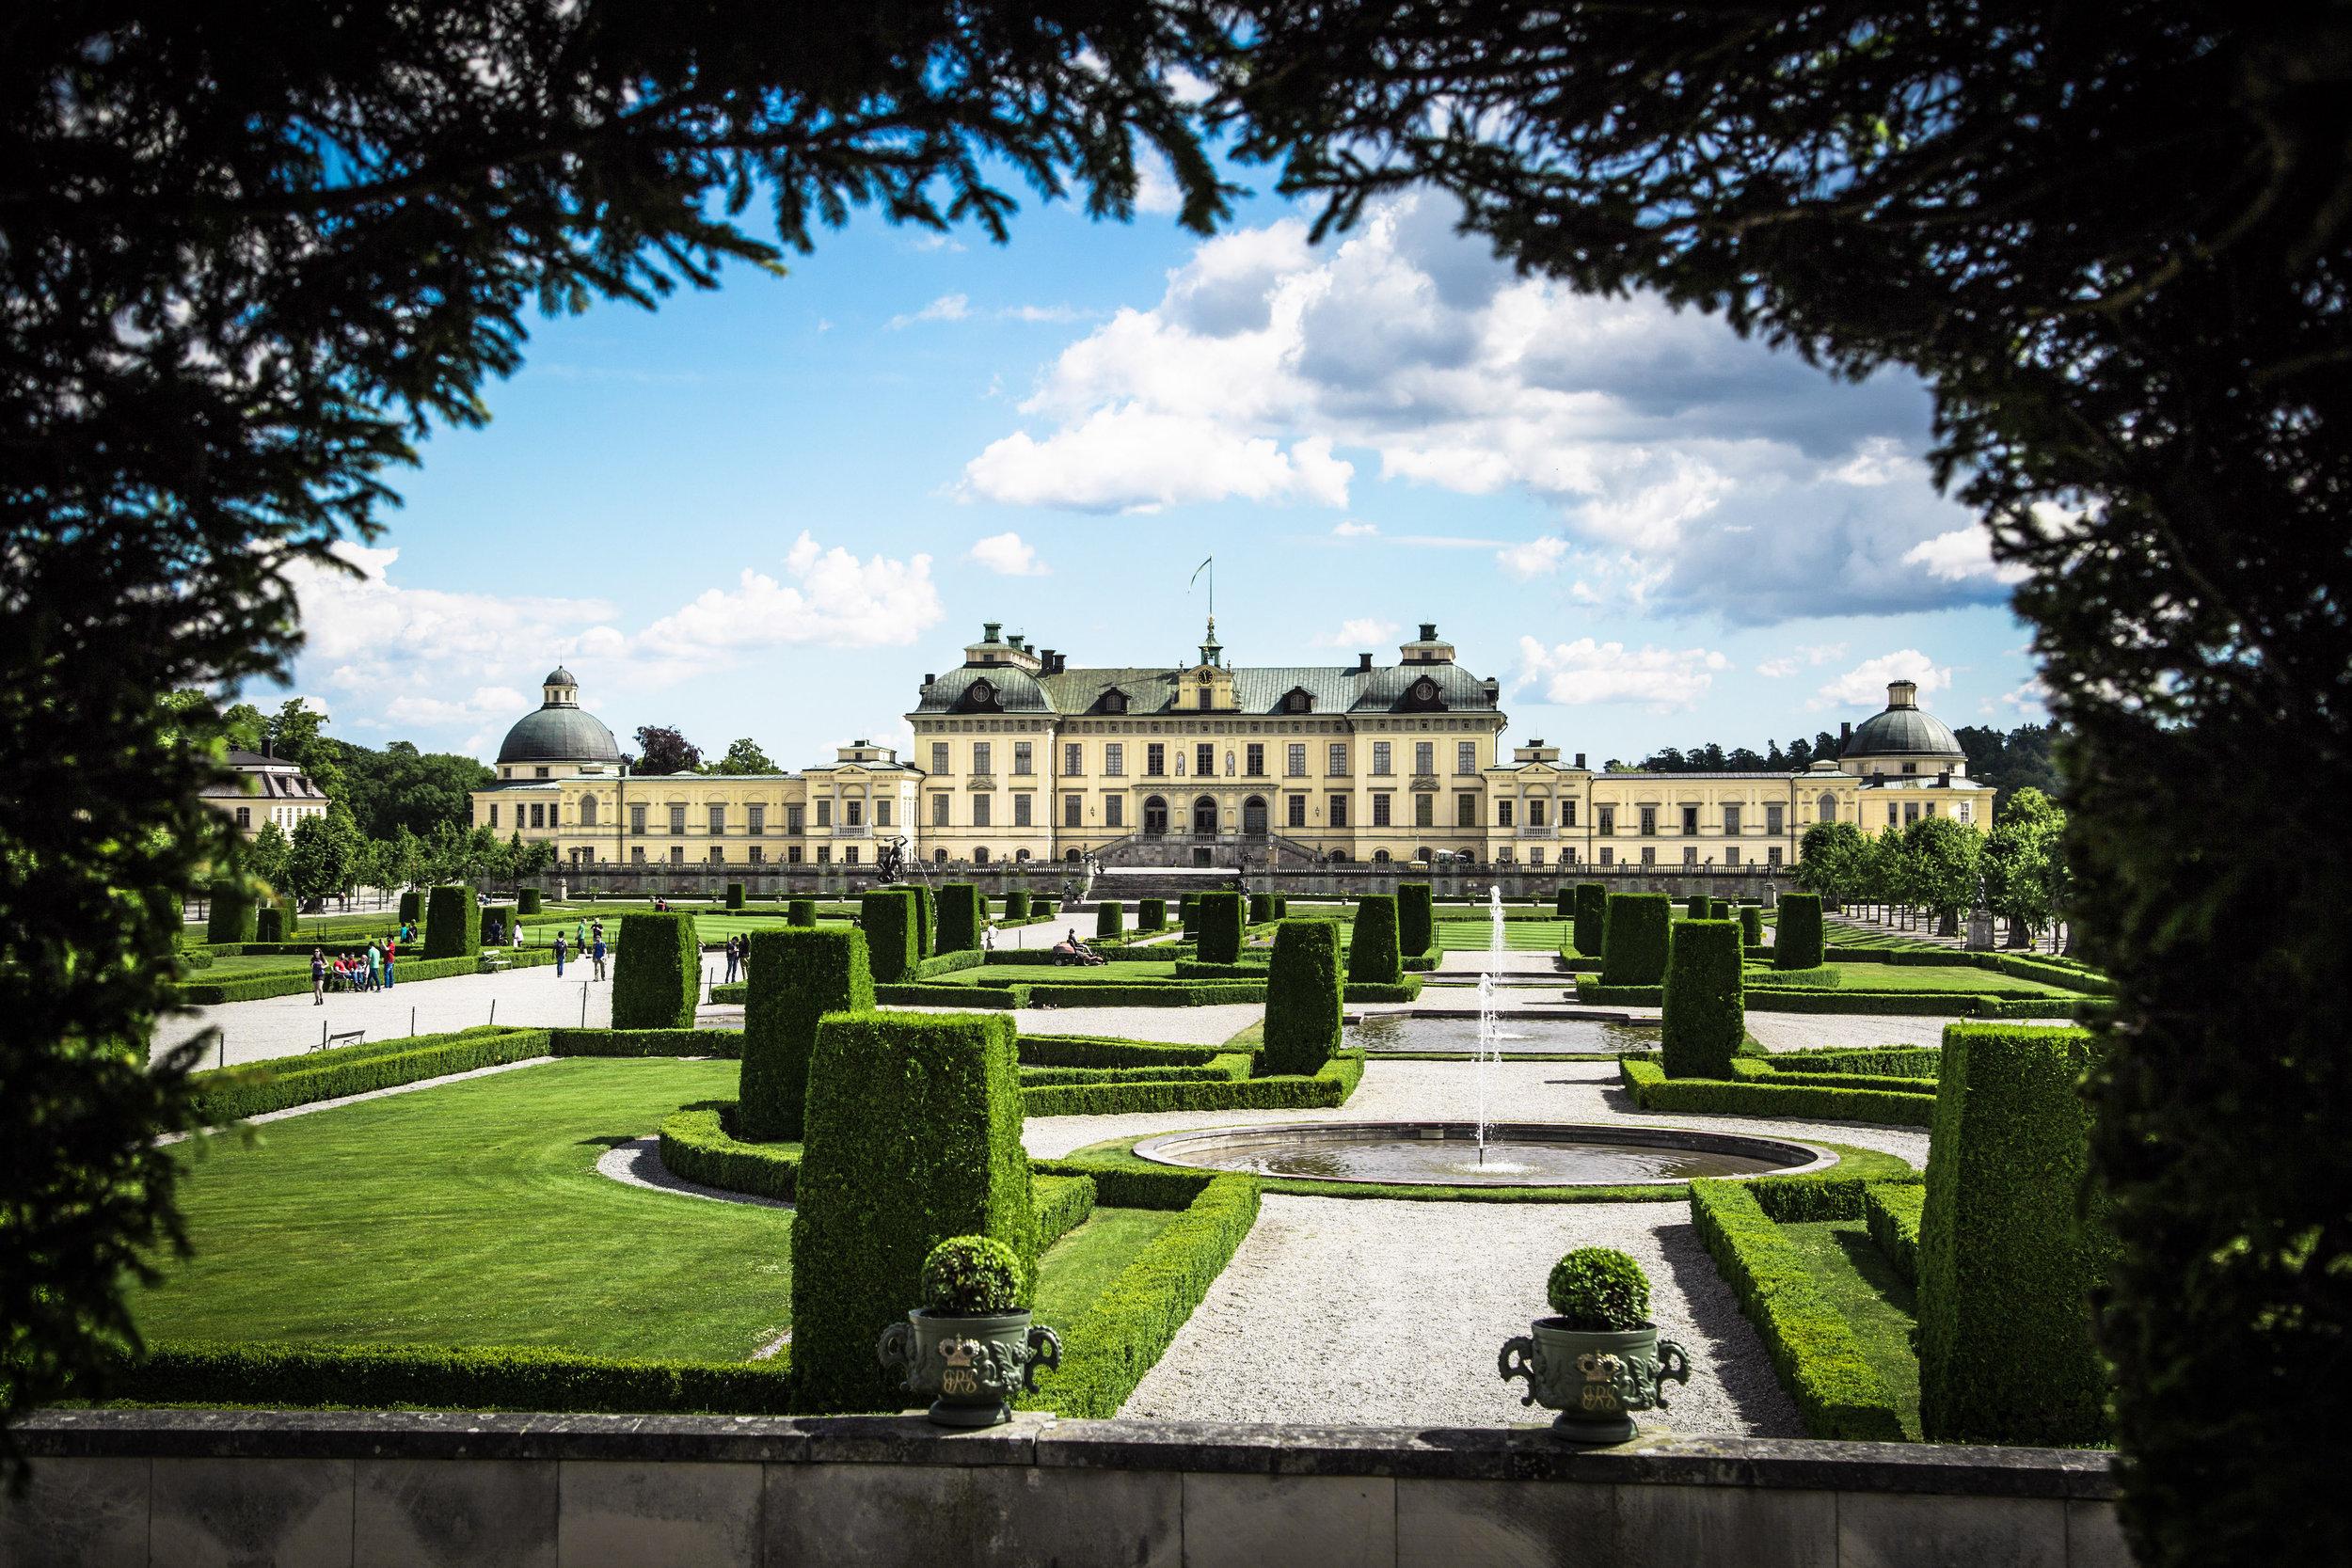 Besucher können sich auch selbst davon überzeugen, ob auf Schloss Drottningholm wirklich Geister ihr Unwesen treiben. Der Eintritt ist frei, eine Führung kostet nur wenige Euro.  ©Kungl. Hovstaterna, Raphael Stecksén